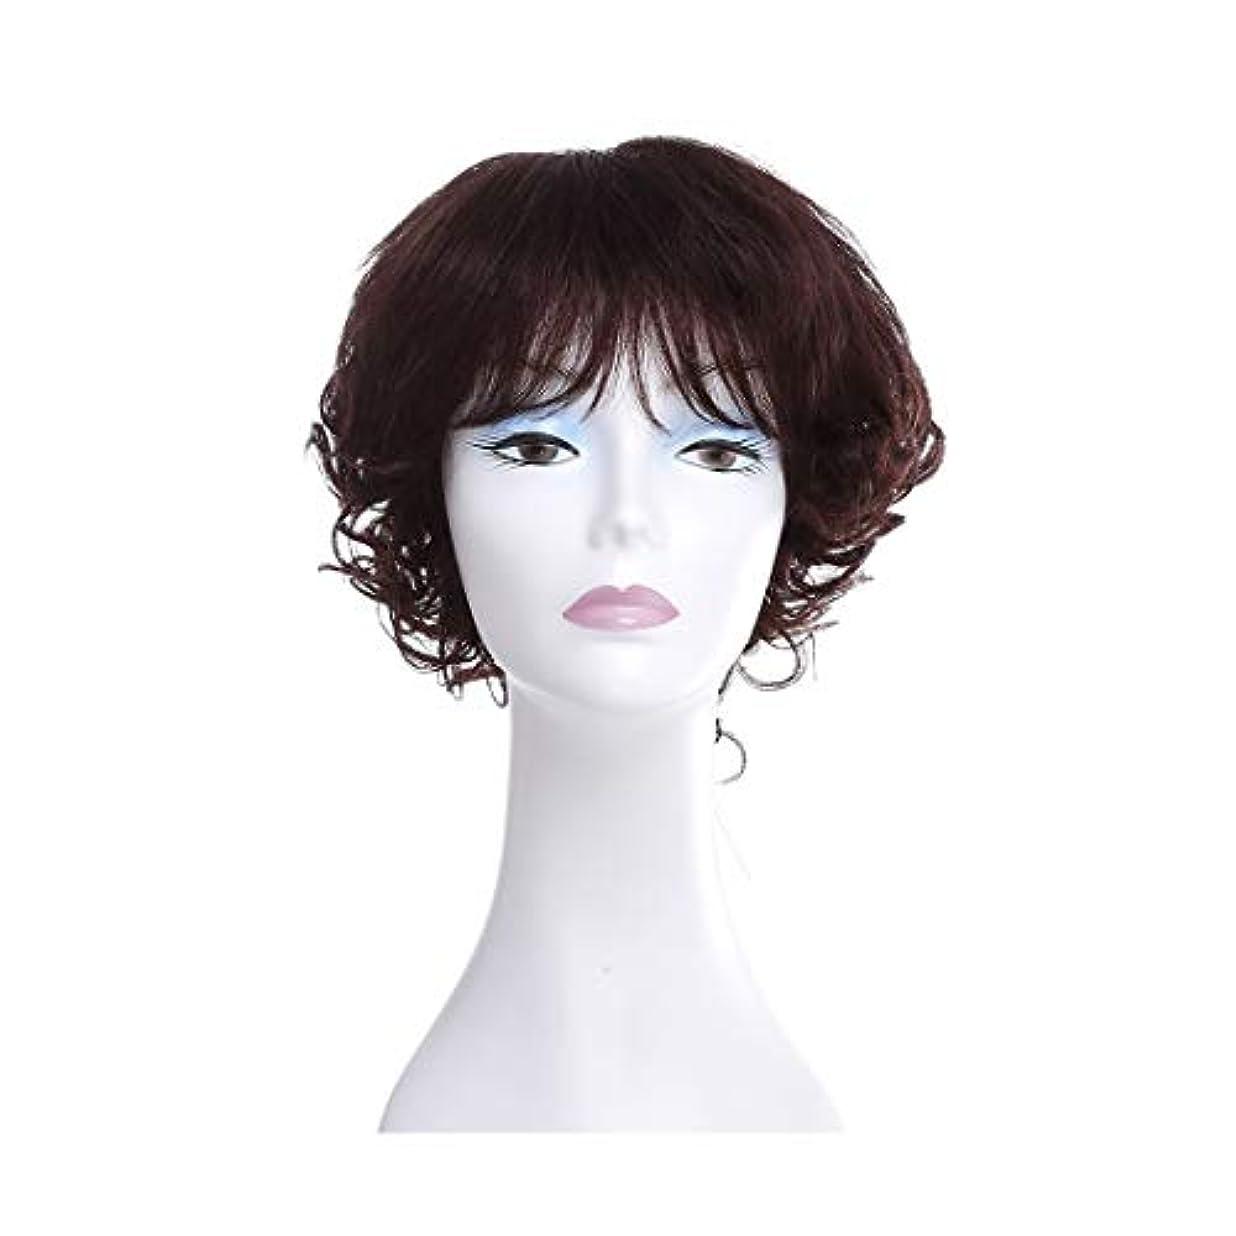 アイザックモンク田舎YOUQIU 女性ウィッグ100%実髪ストレッチネット気質ふわふわカーリーヘアウィッグウィッグ (色 : Photo Color)